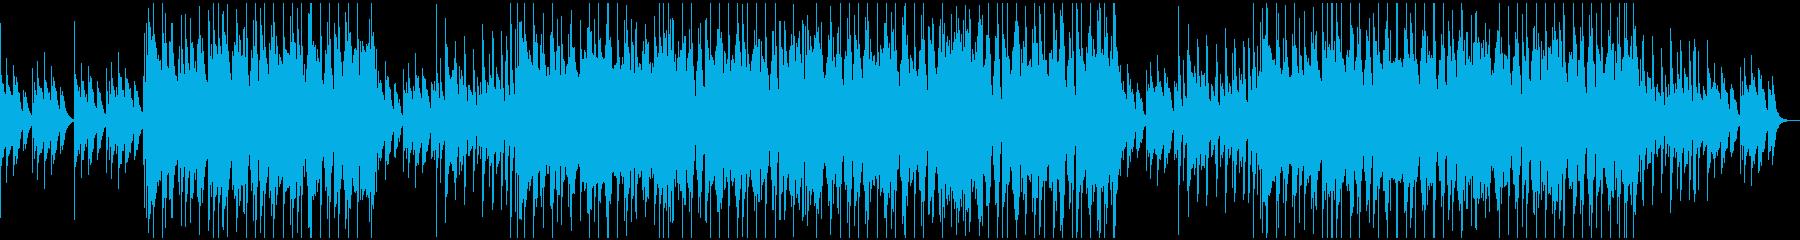 可愛らしいキラキラポップスBGMの再生済みの波形